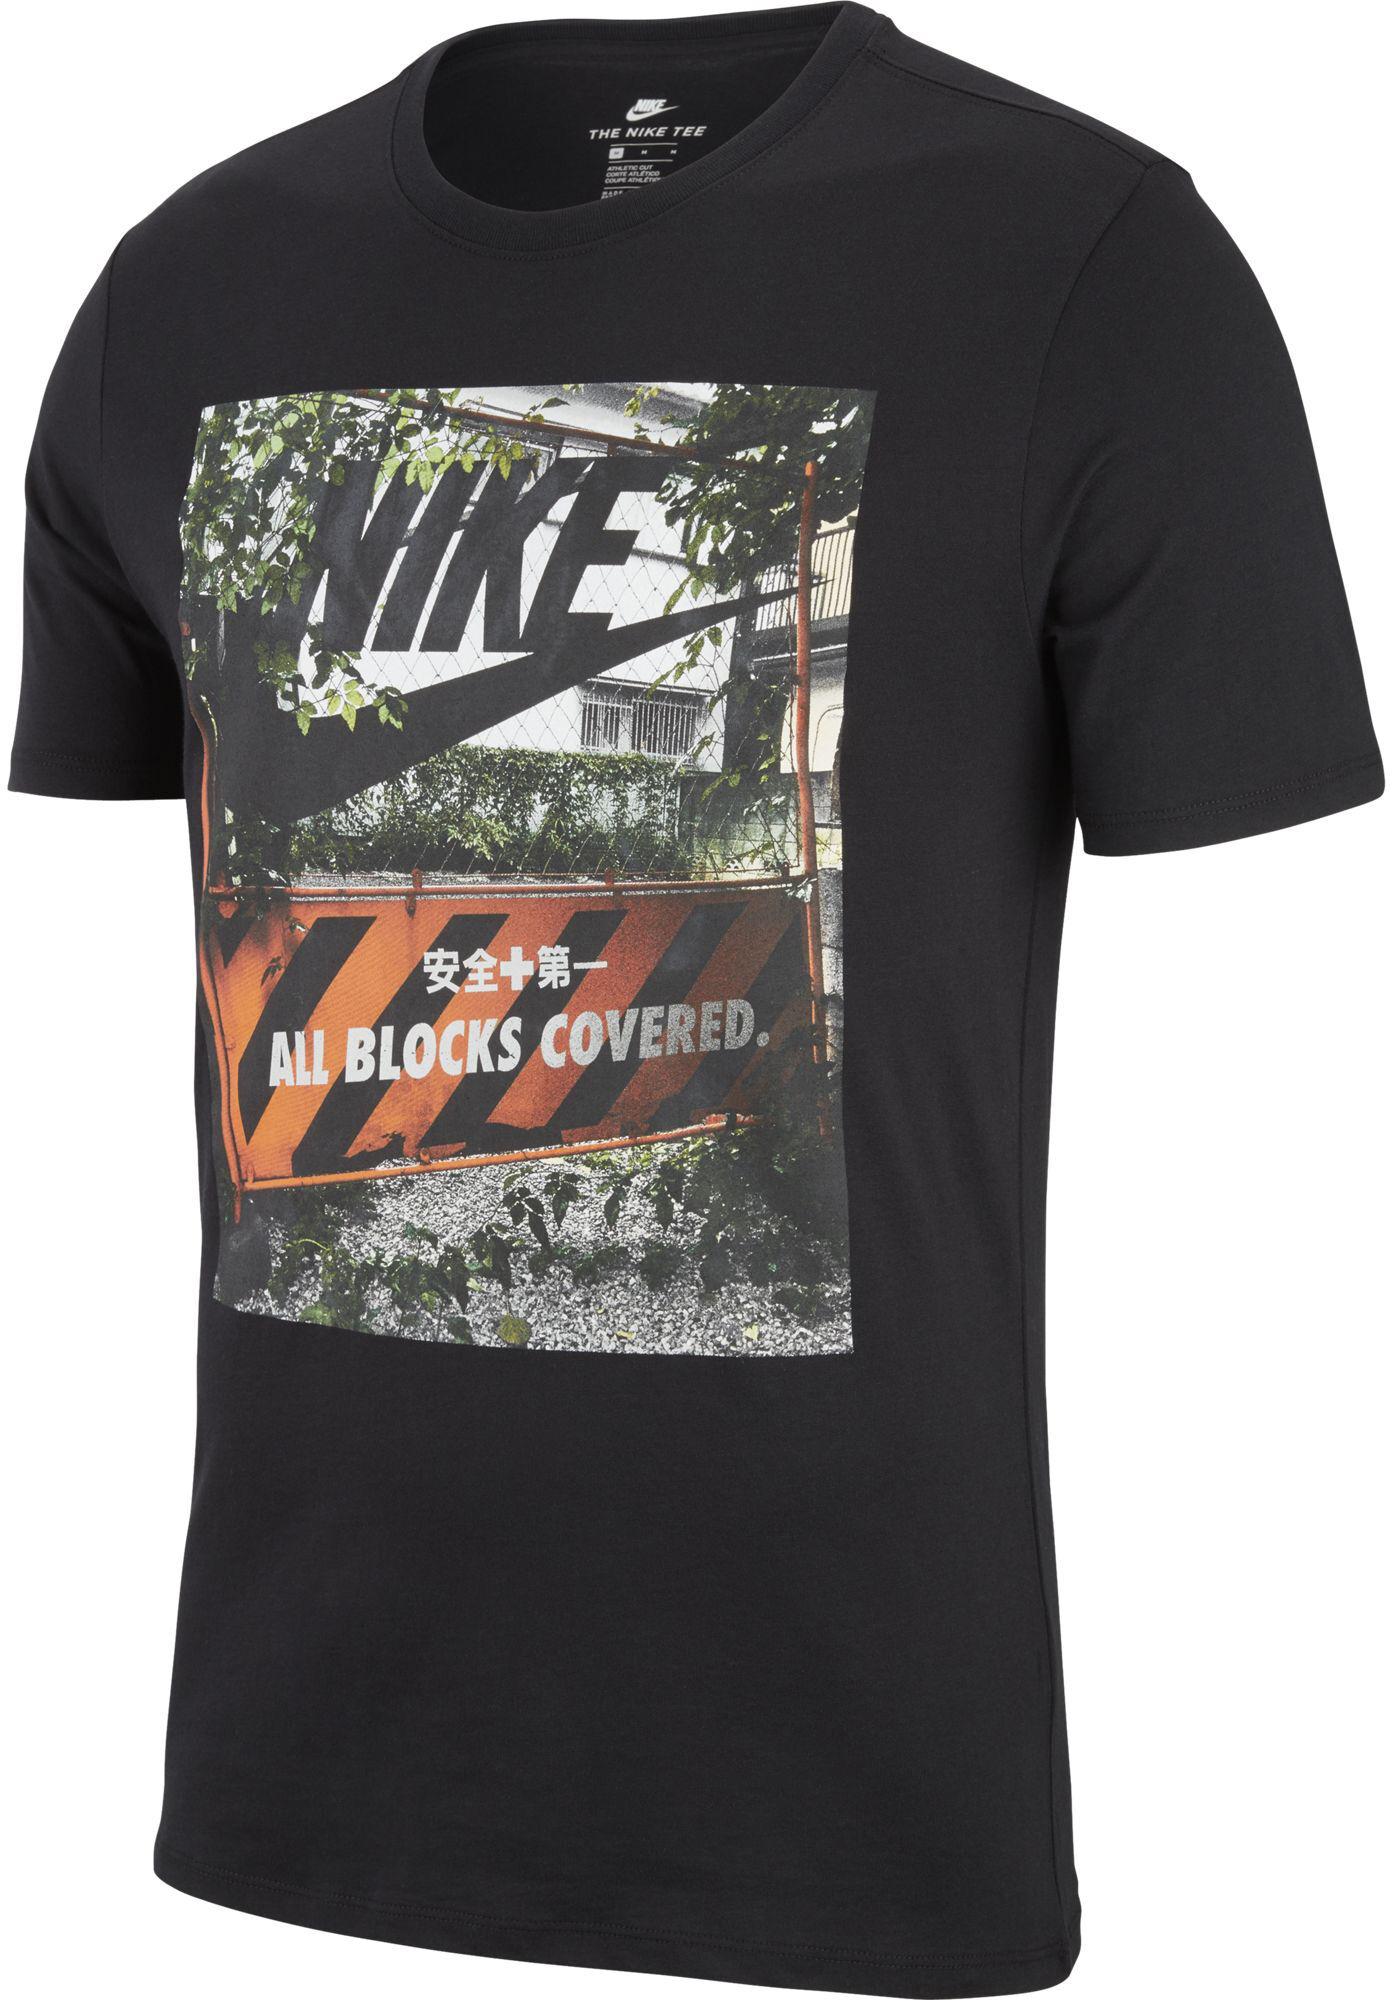 Intersport Camisetas Intersport Camisetas Nike Fitness Nike Fitness 1PawfATZq